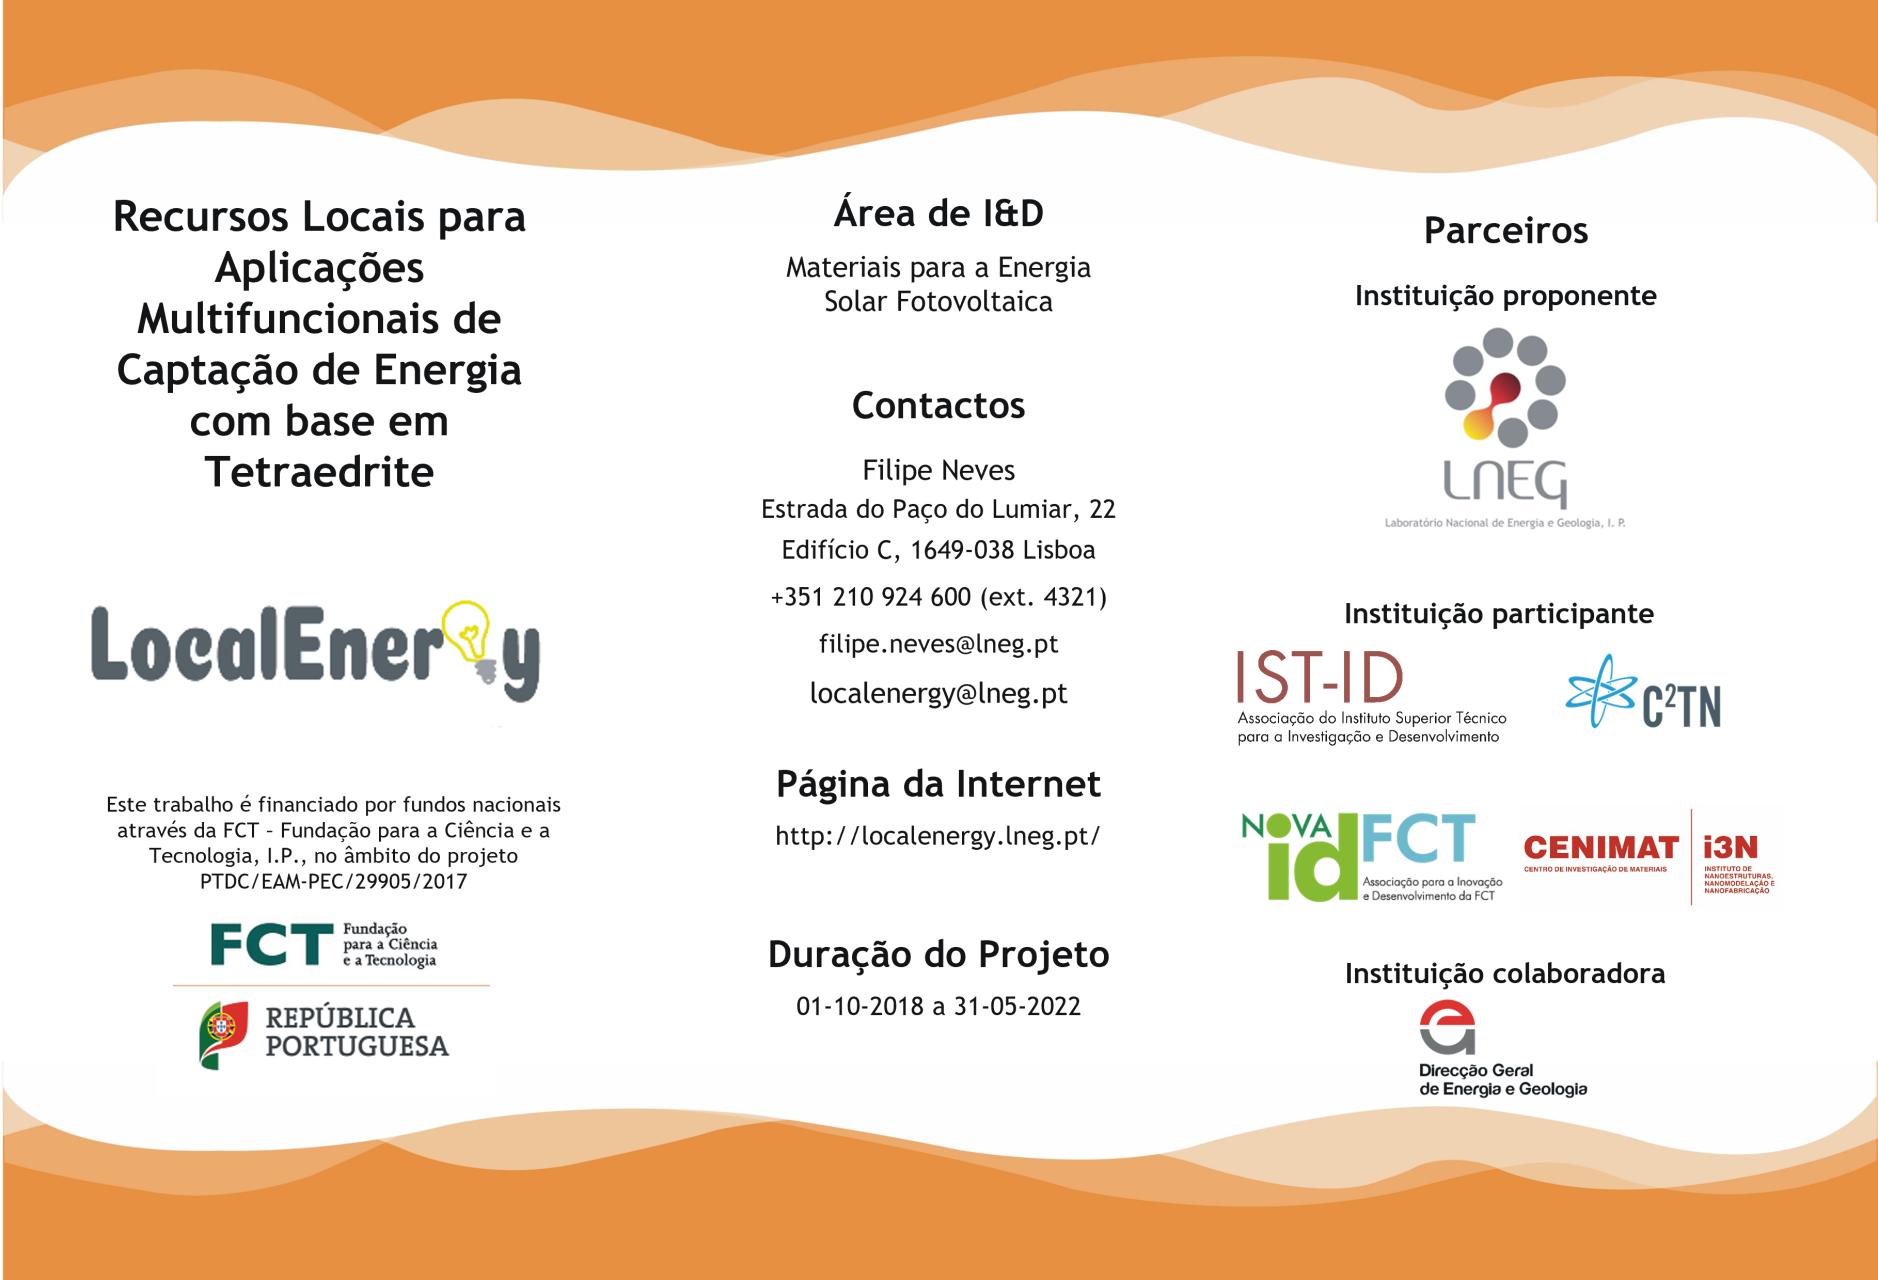 localenergy-recursos-locais-para-aplicacoes-multifuncionais-de-captacao-de-energia-com-base-em-tetraedrite